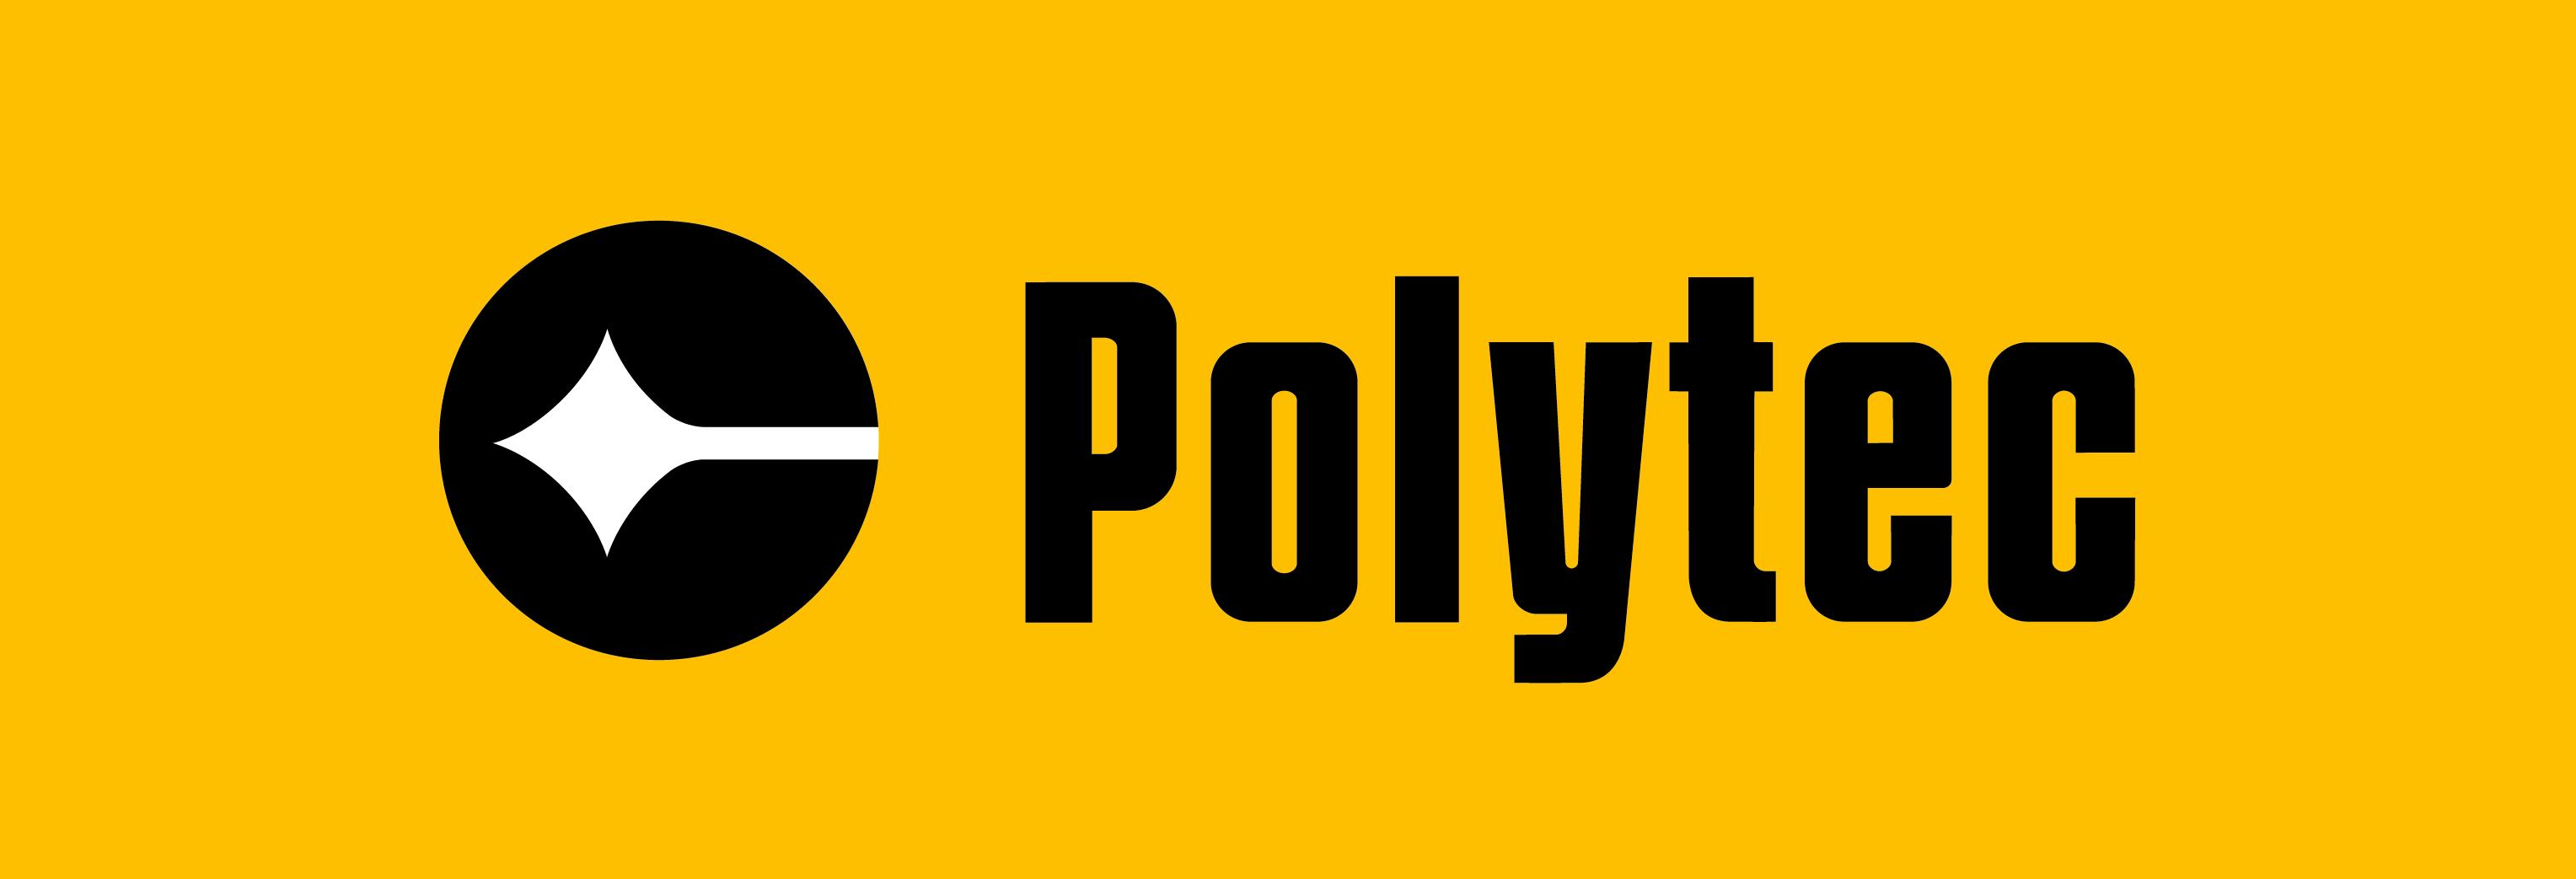 Pol_logo_2008_25m100y